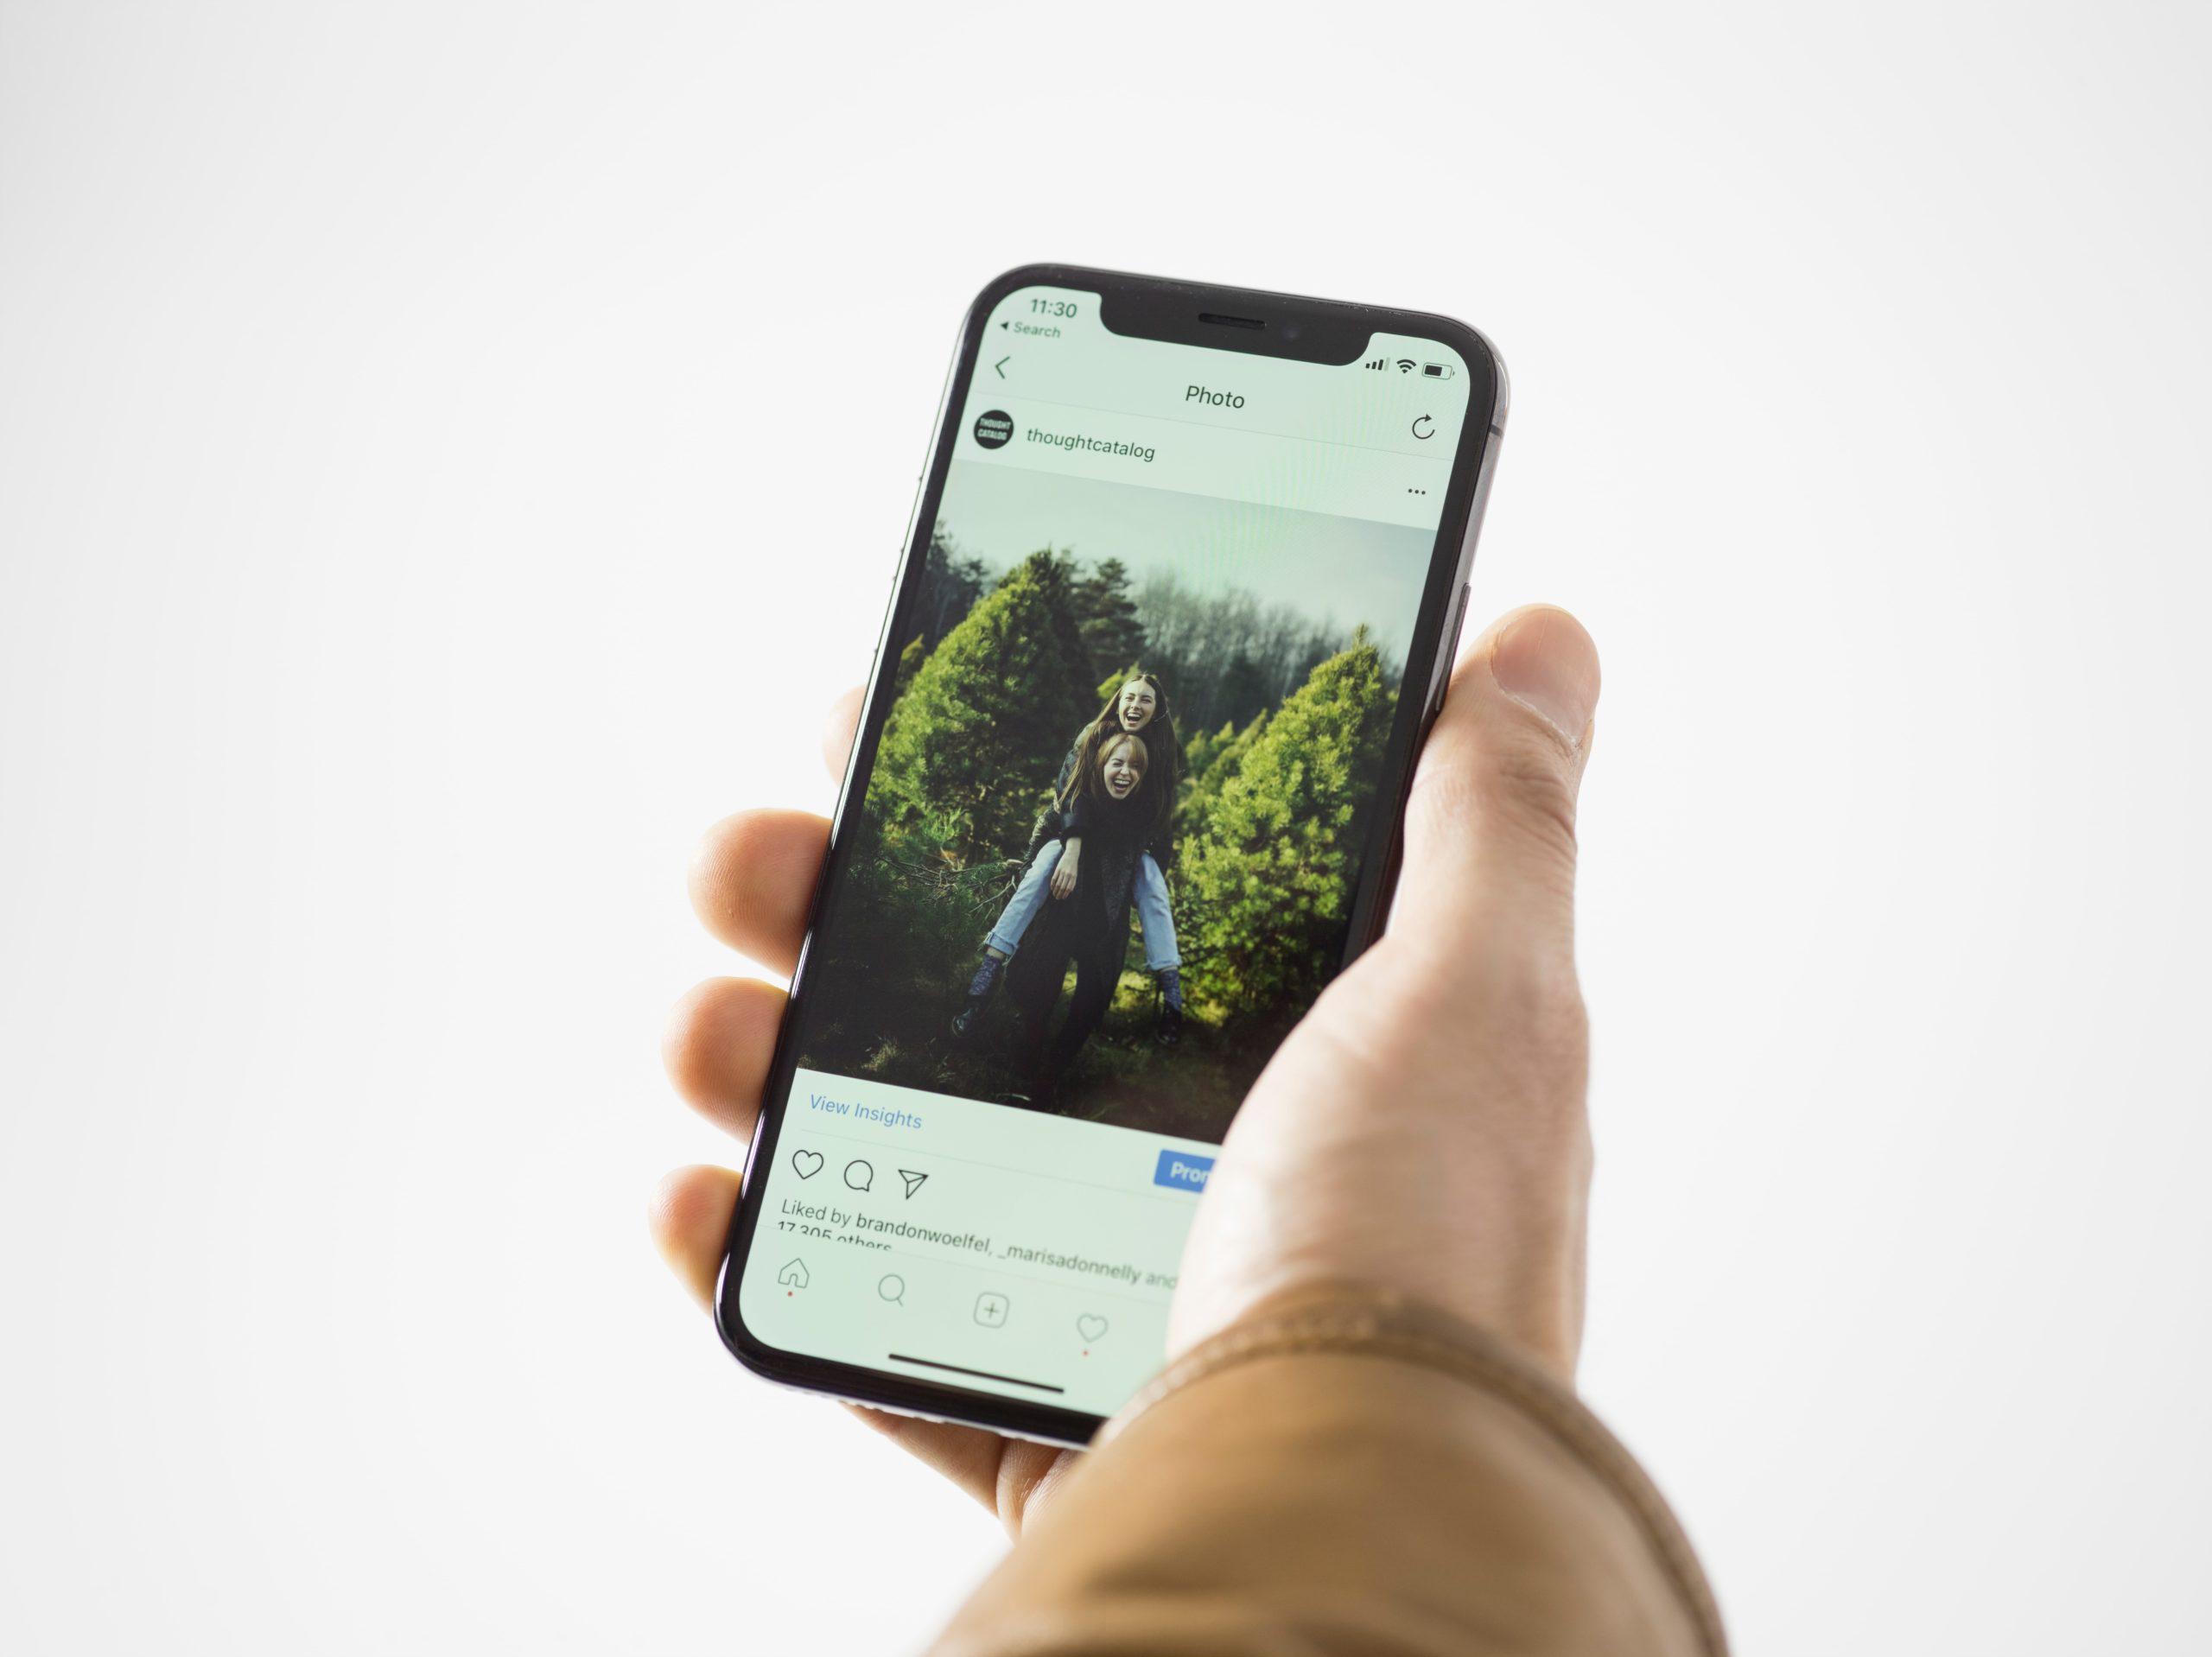 Smartphones : le renouvellement anticipé bientôt limité en France ? - Journal du geek